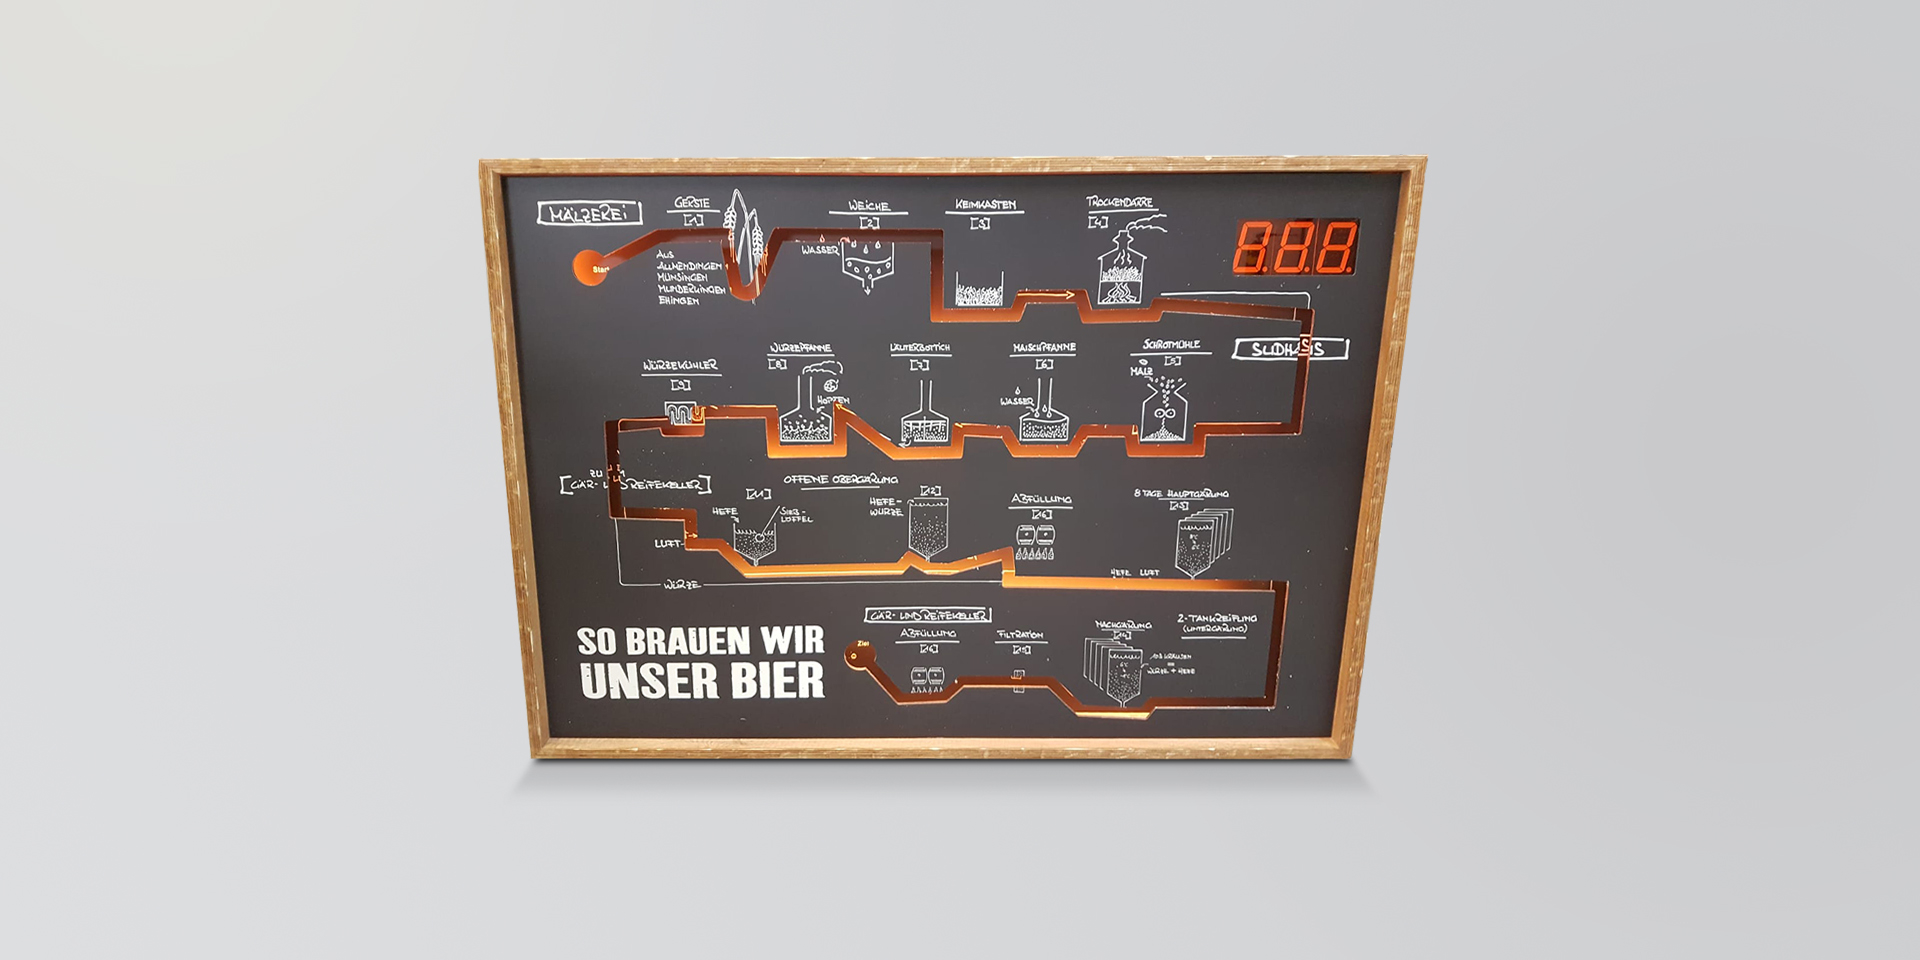 Bergbrauerei - Heißer Draht- Zweyloeven Werbeproduktion GmbH